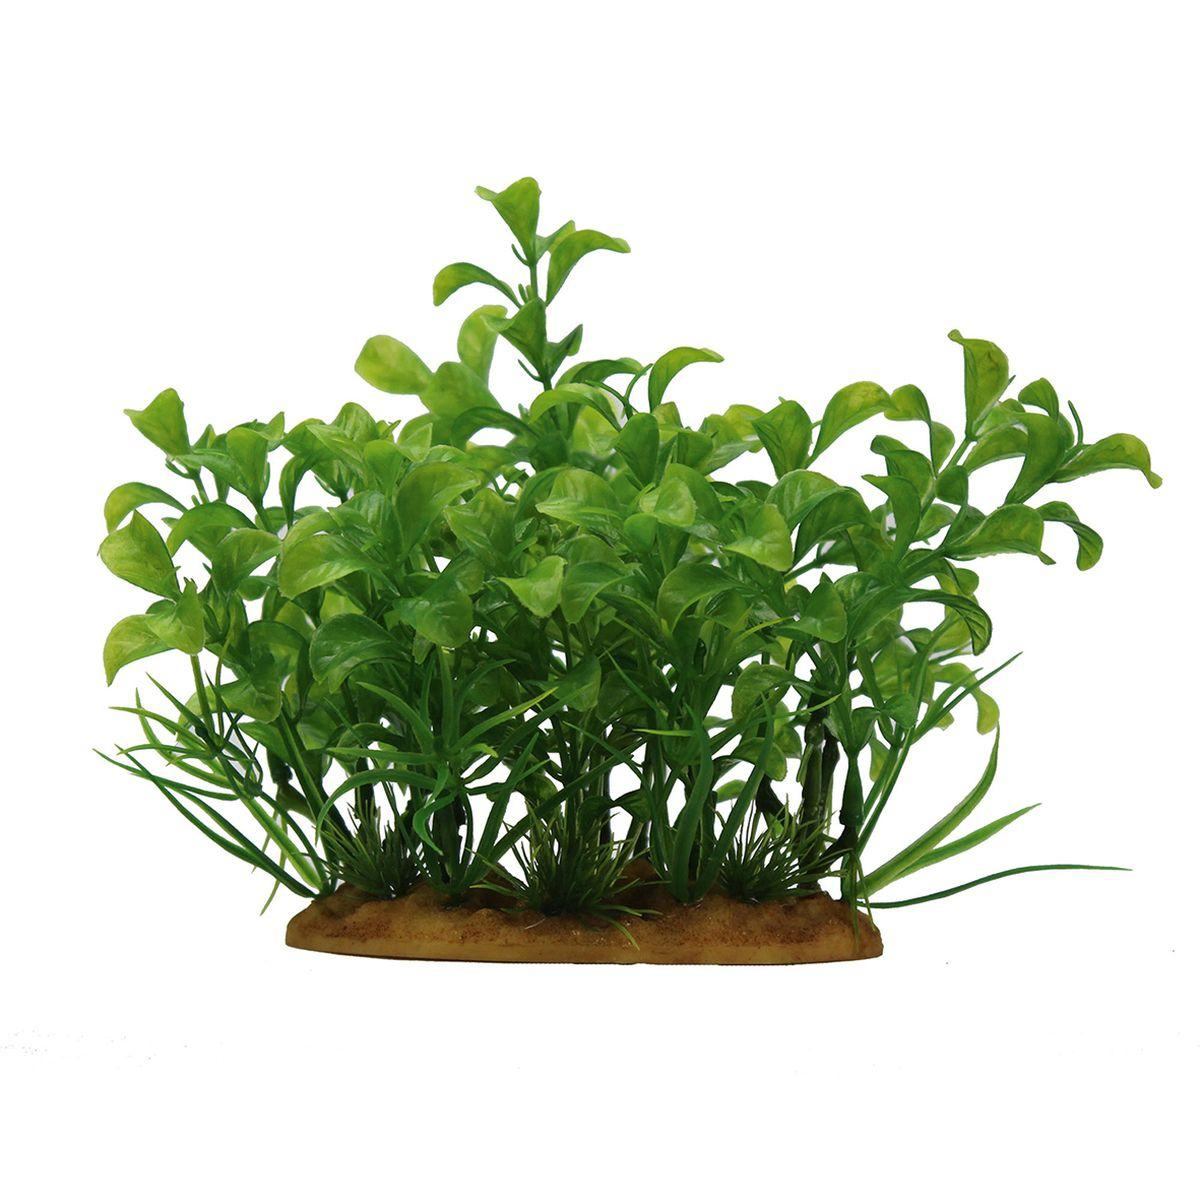 Растение для аквариума ArtUniq Людвигия зеленая, высота 15 см. ART-11601050120710Композиция из искусственных растений ArtUniq превосходно украсит и оживит аквариум.Растения - это важная часть любой композиции, они помогут вдохнуть жизнь в ландшафт любого аквариума или террариума. А их сходствос природными порадует даже самых взыскательных ценителей.